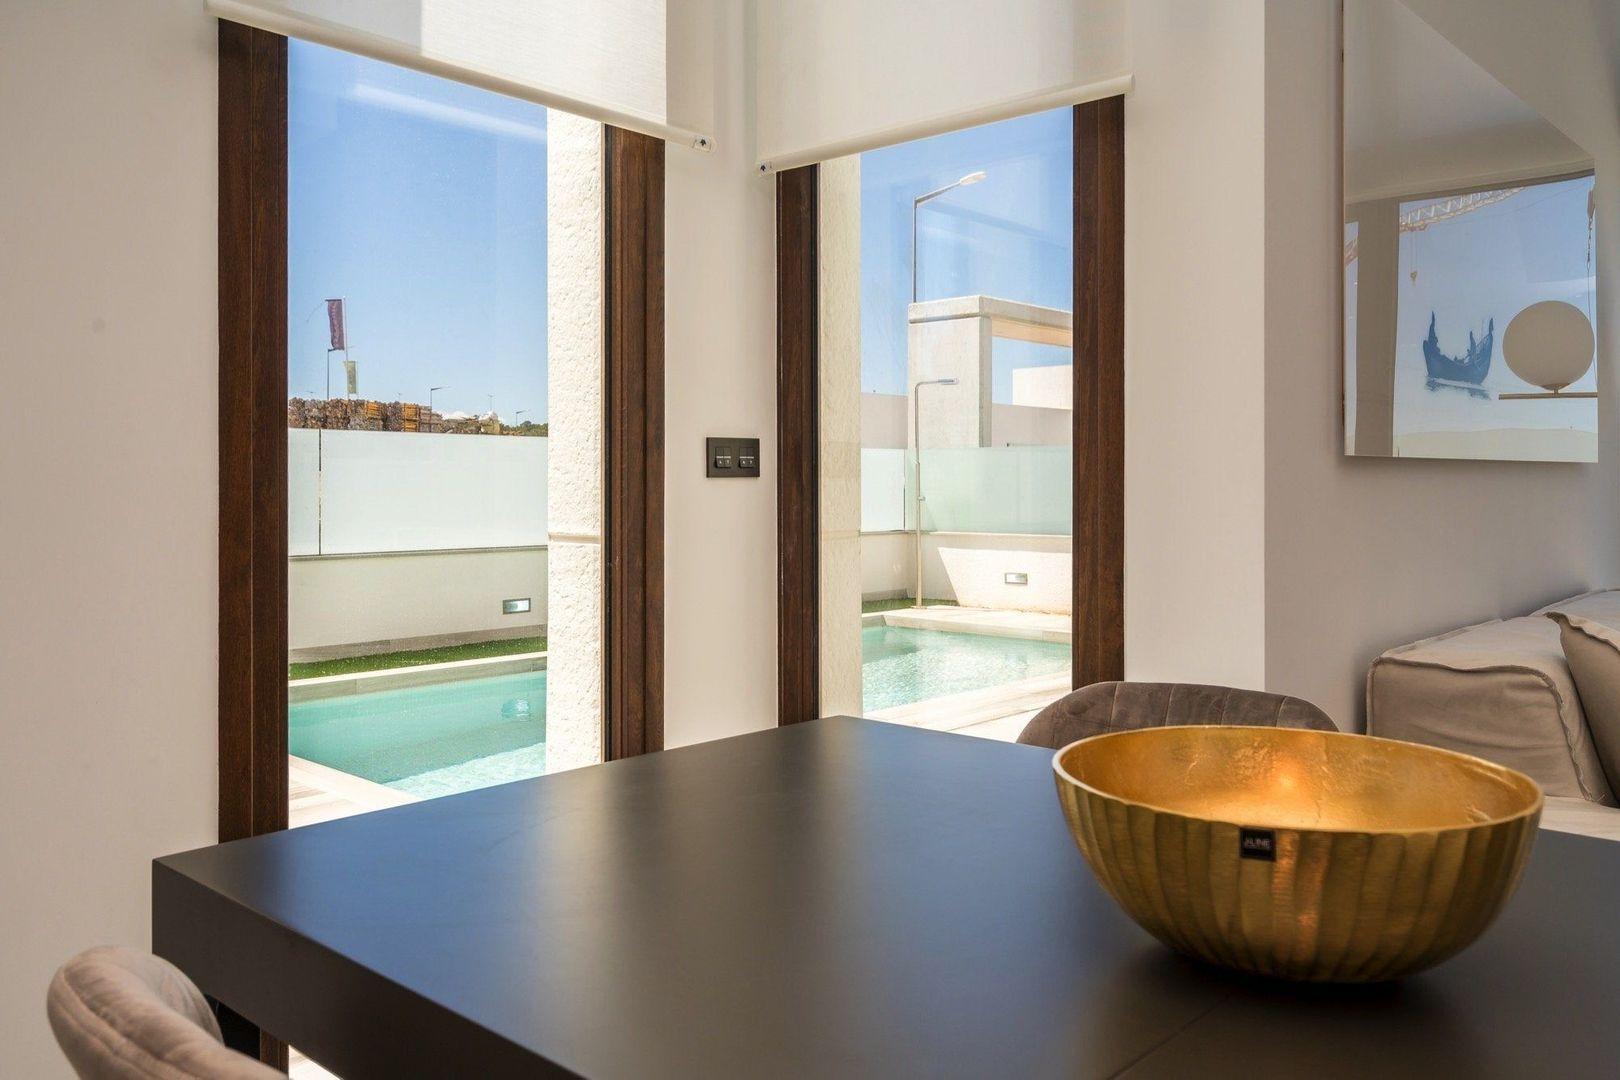 URBAN MIRADOR DE LOS BALCONES 149 3048, Torrevieja foto-12